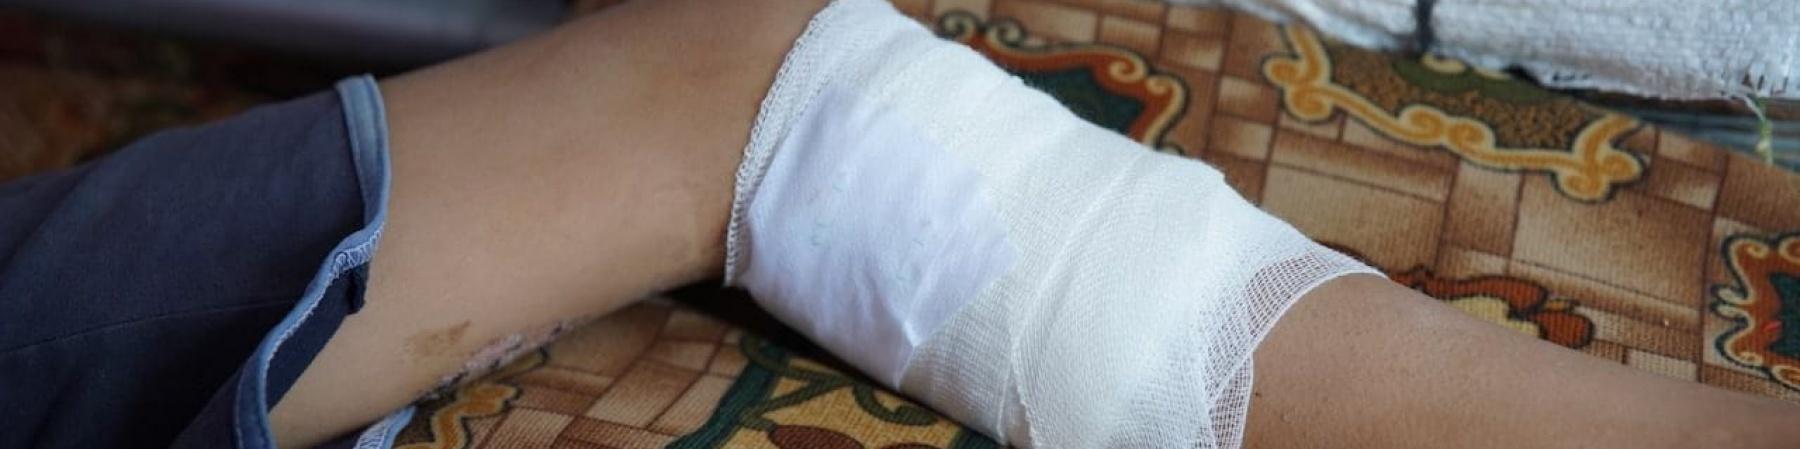 gamba-ferita-bambino-siriano